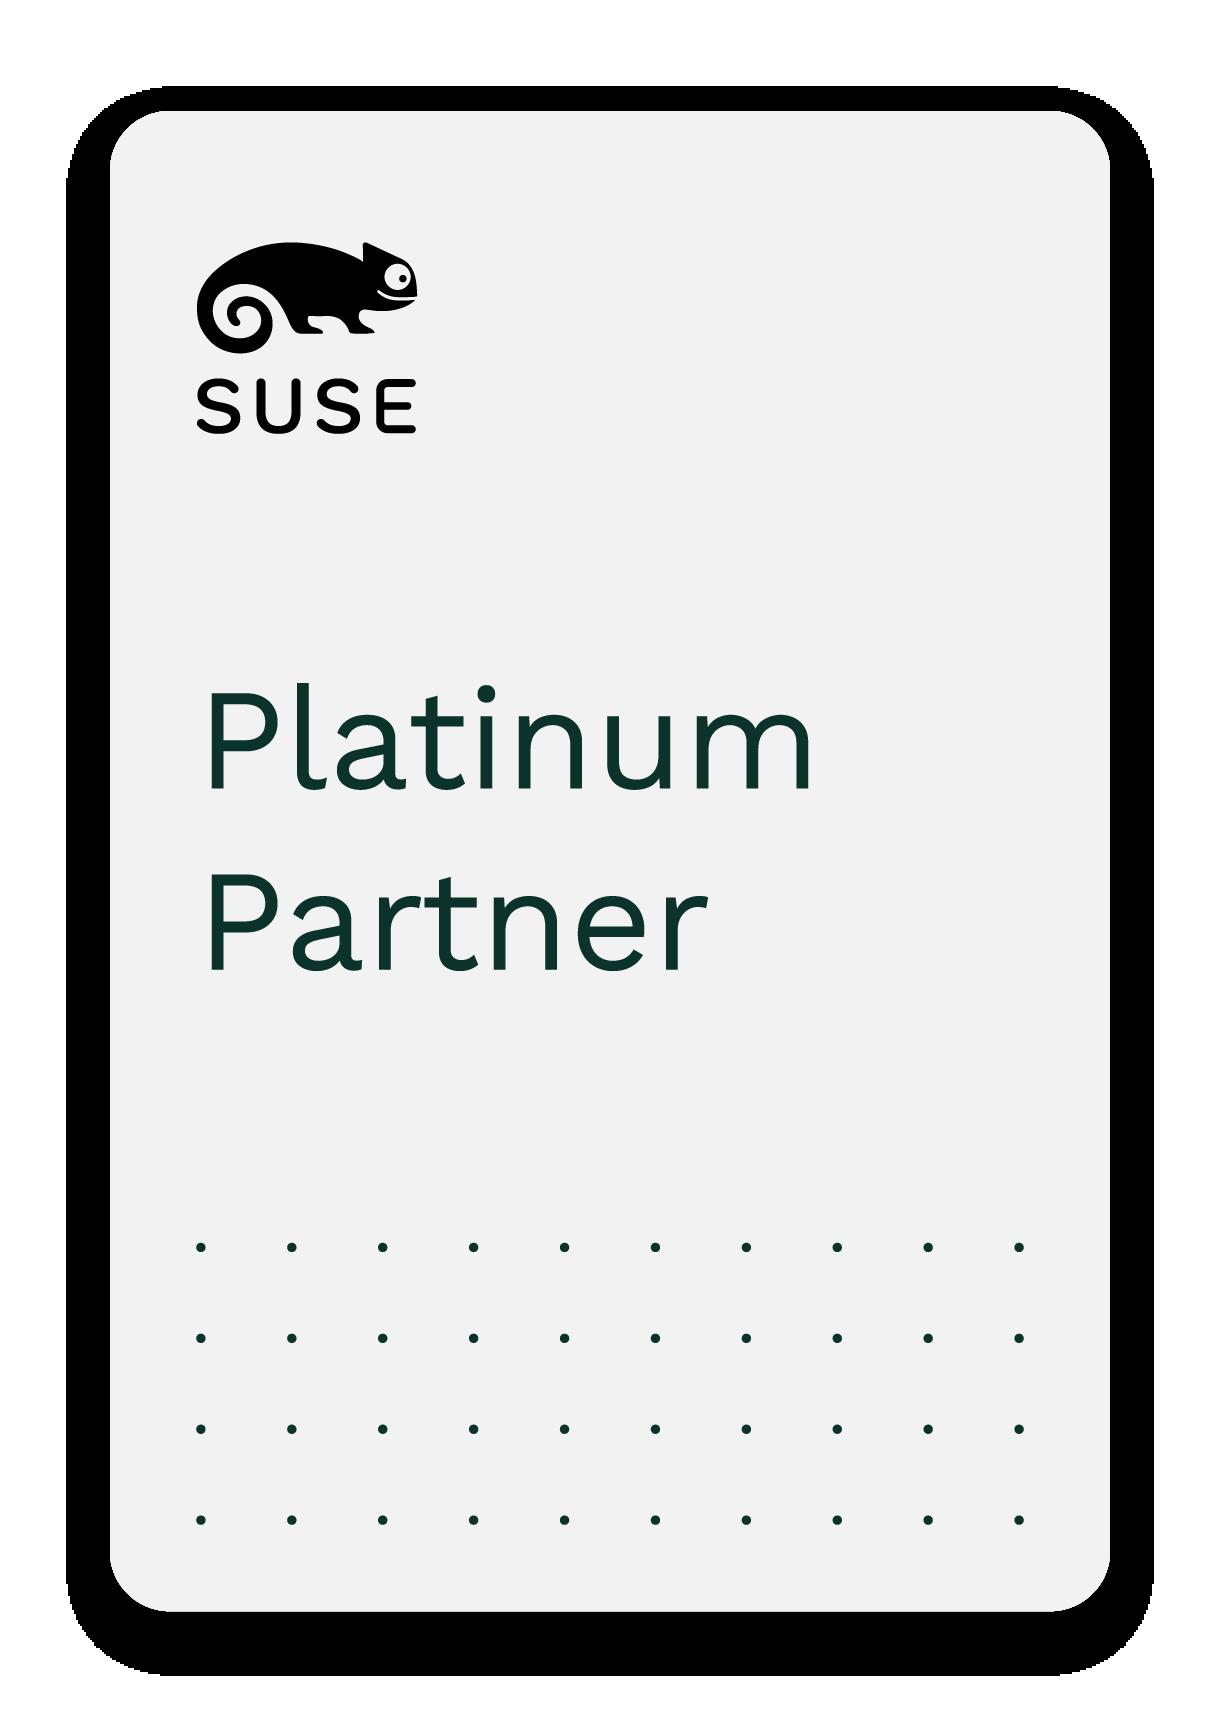 SUSE platinum partner badge